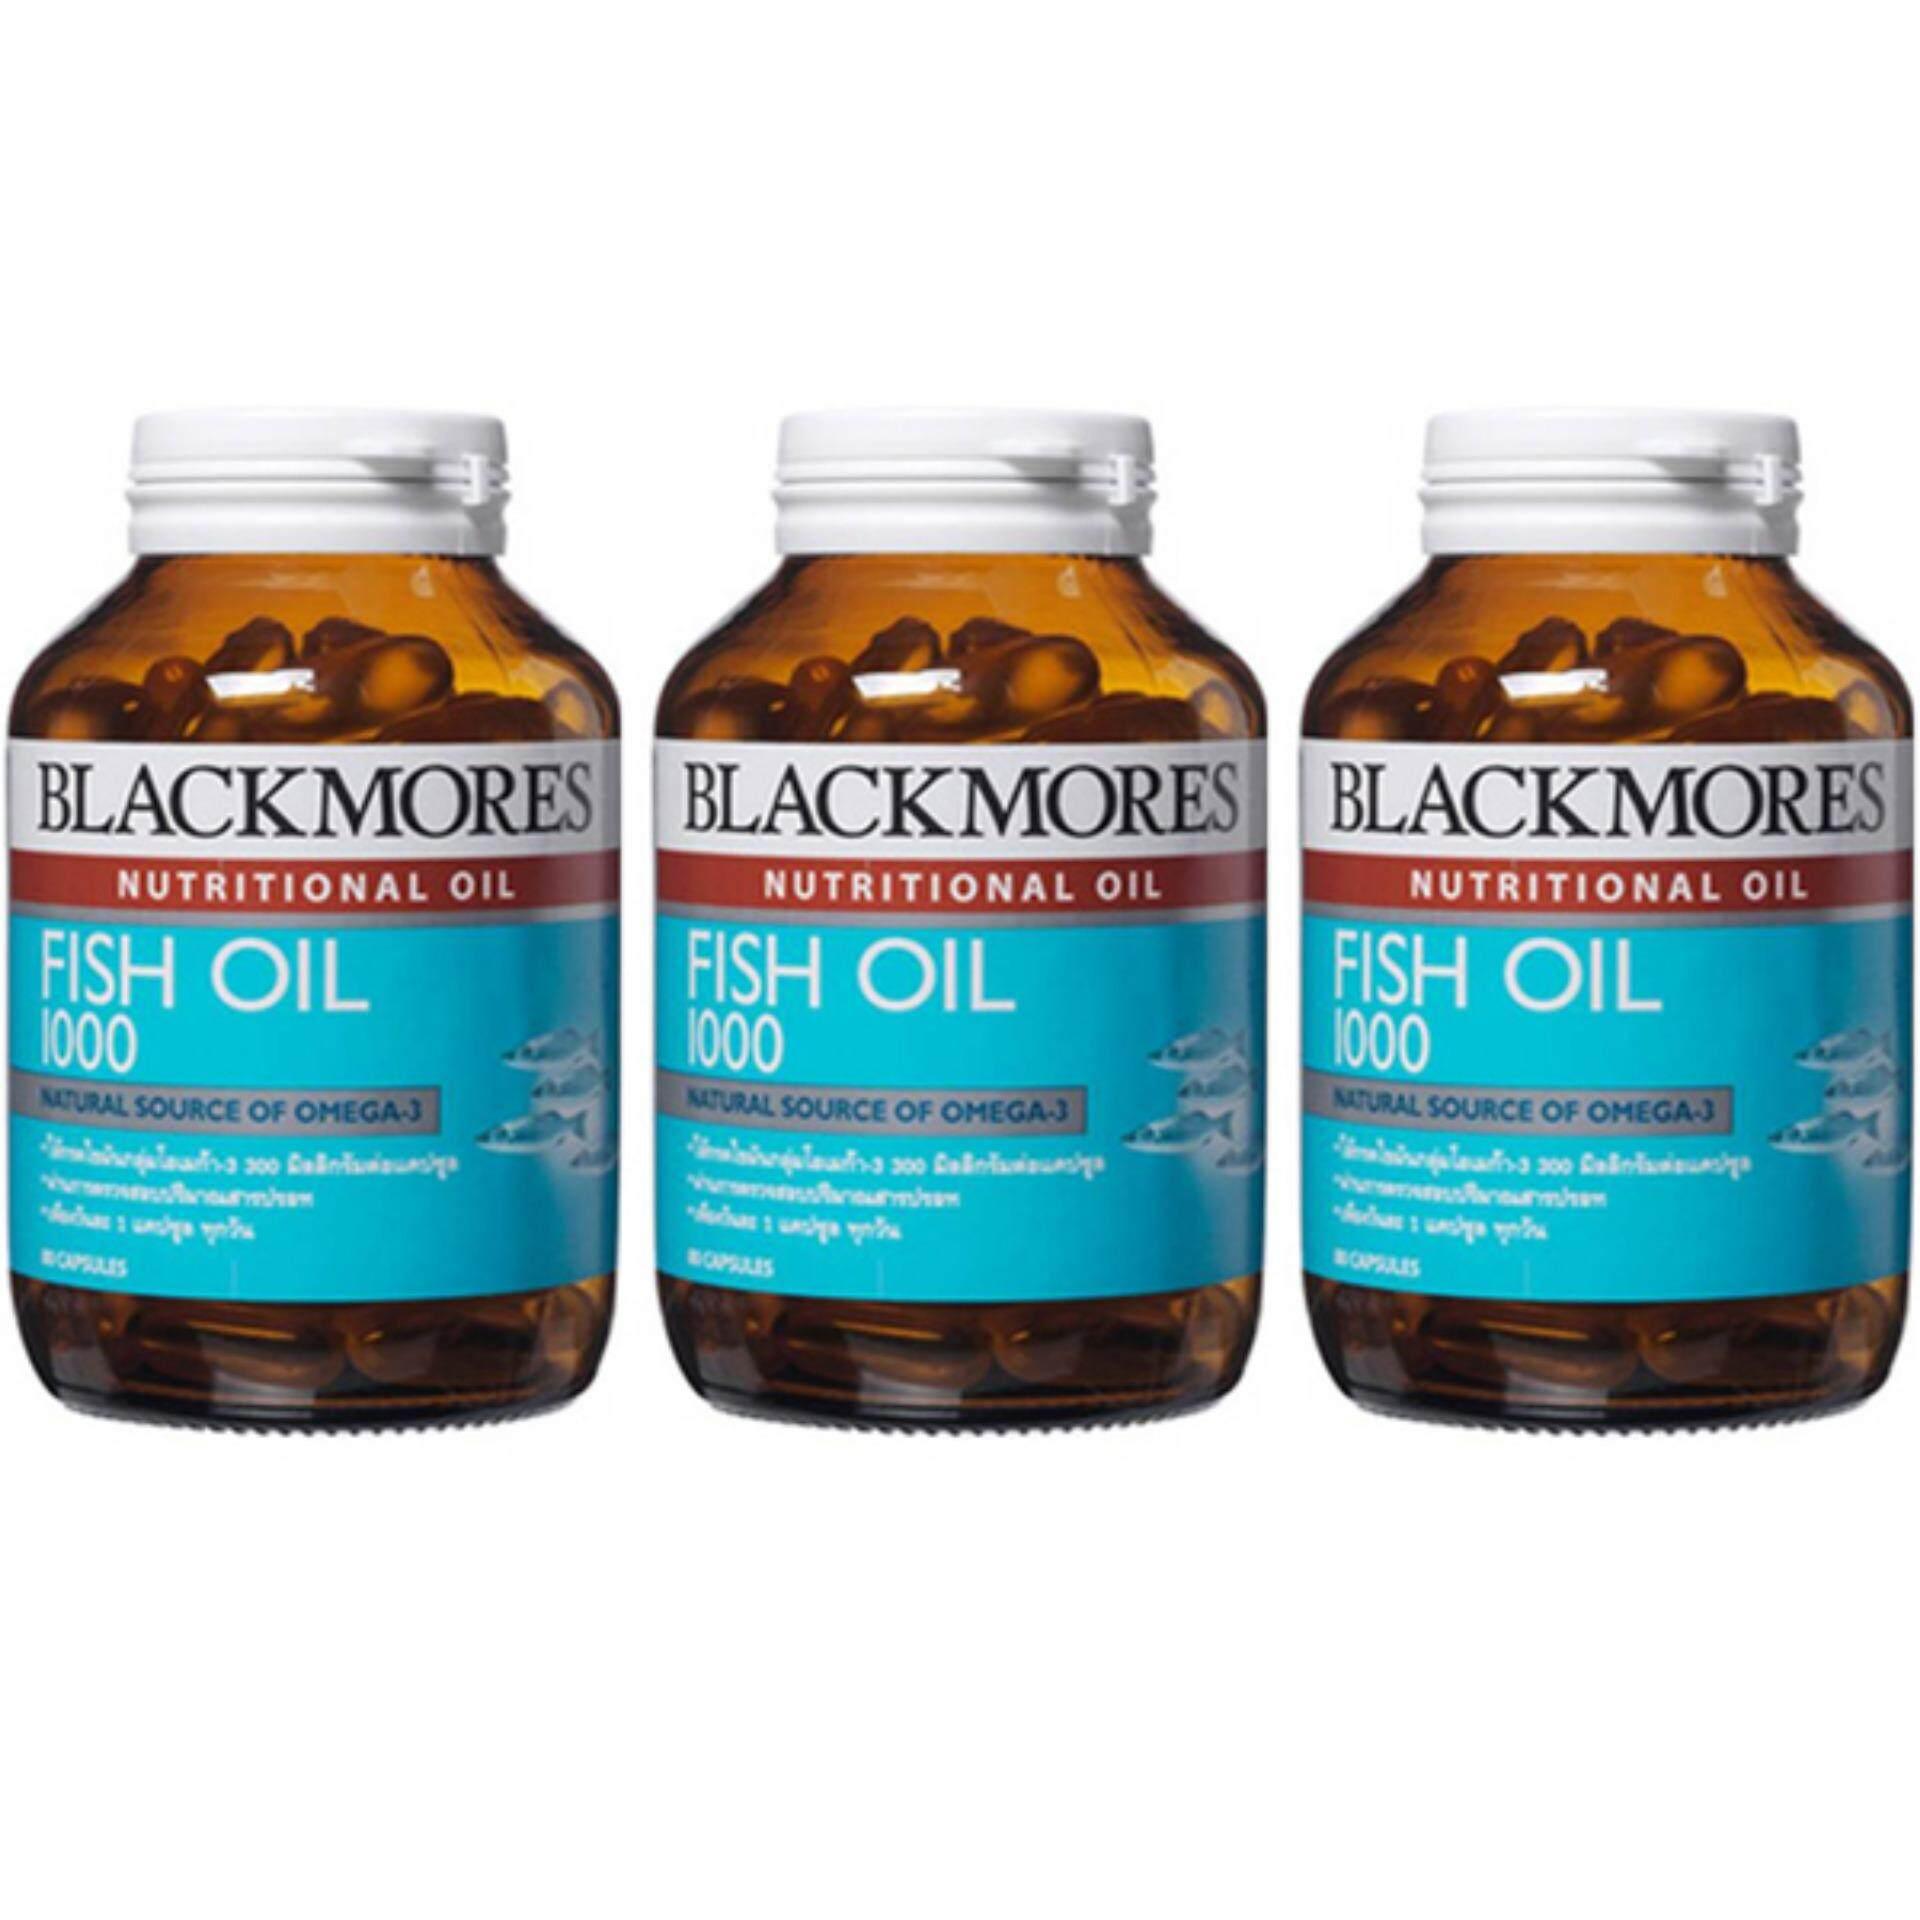 กระบี่ BLACKMORES Fish oil 1000 (80เม็ด) x 3 ขวด